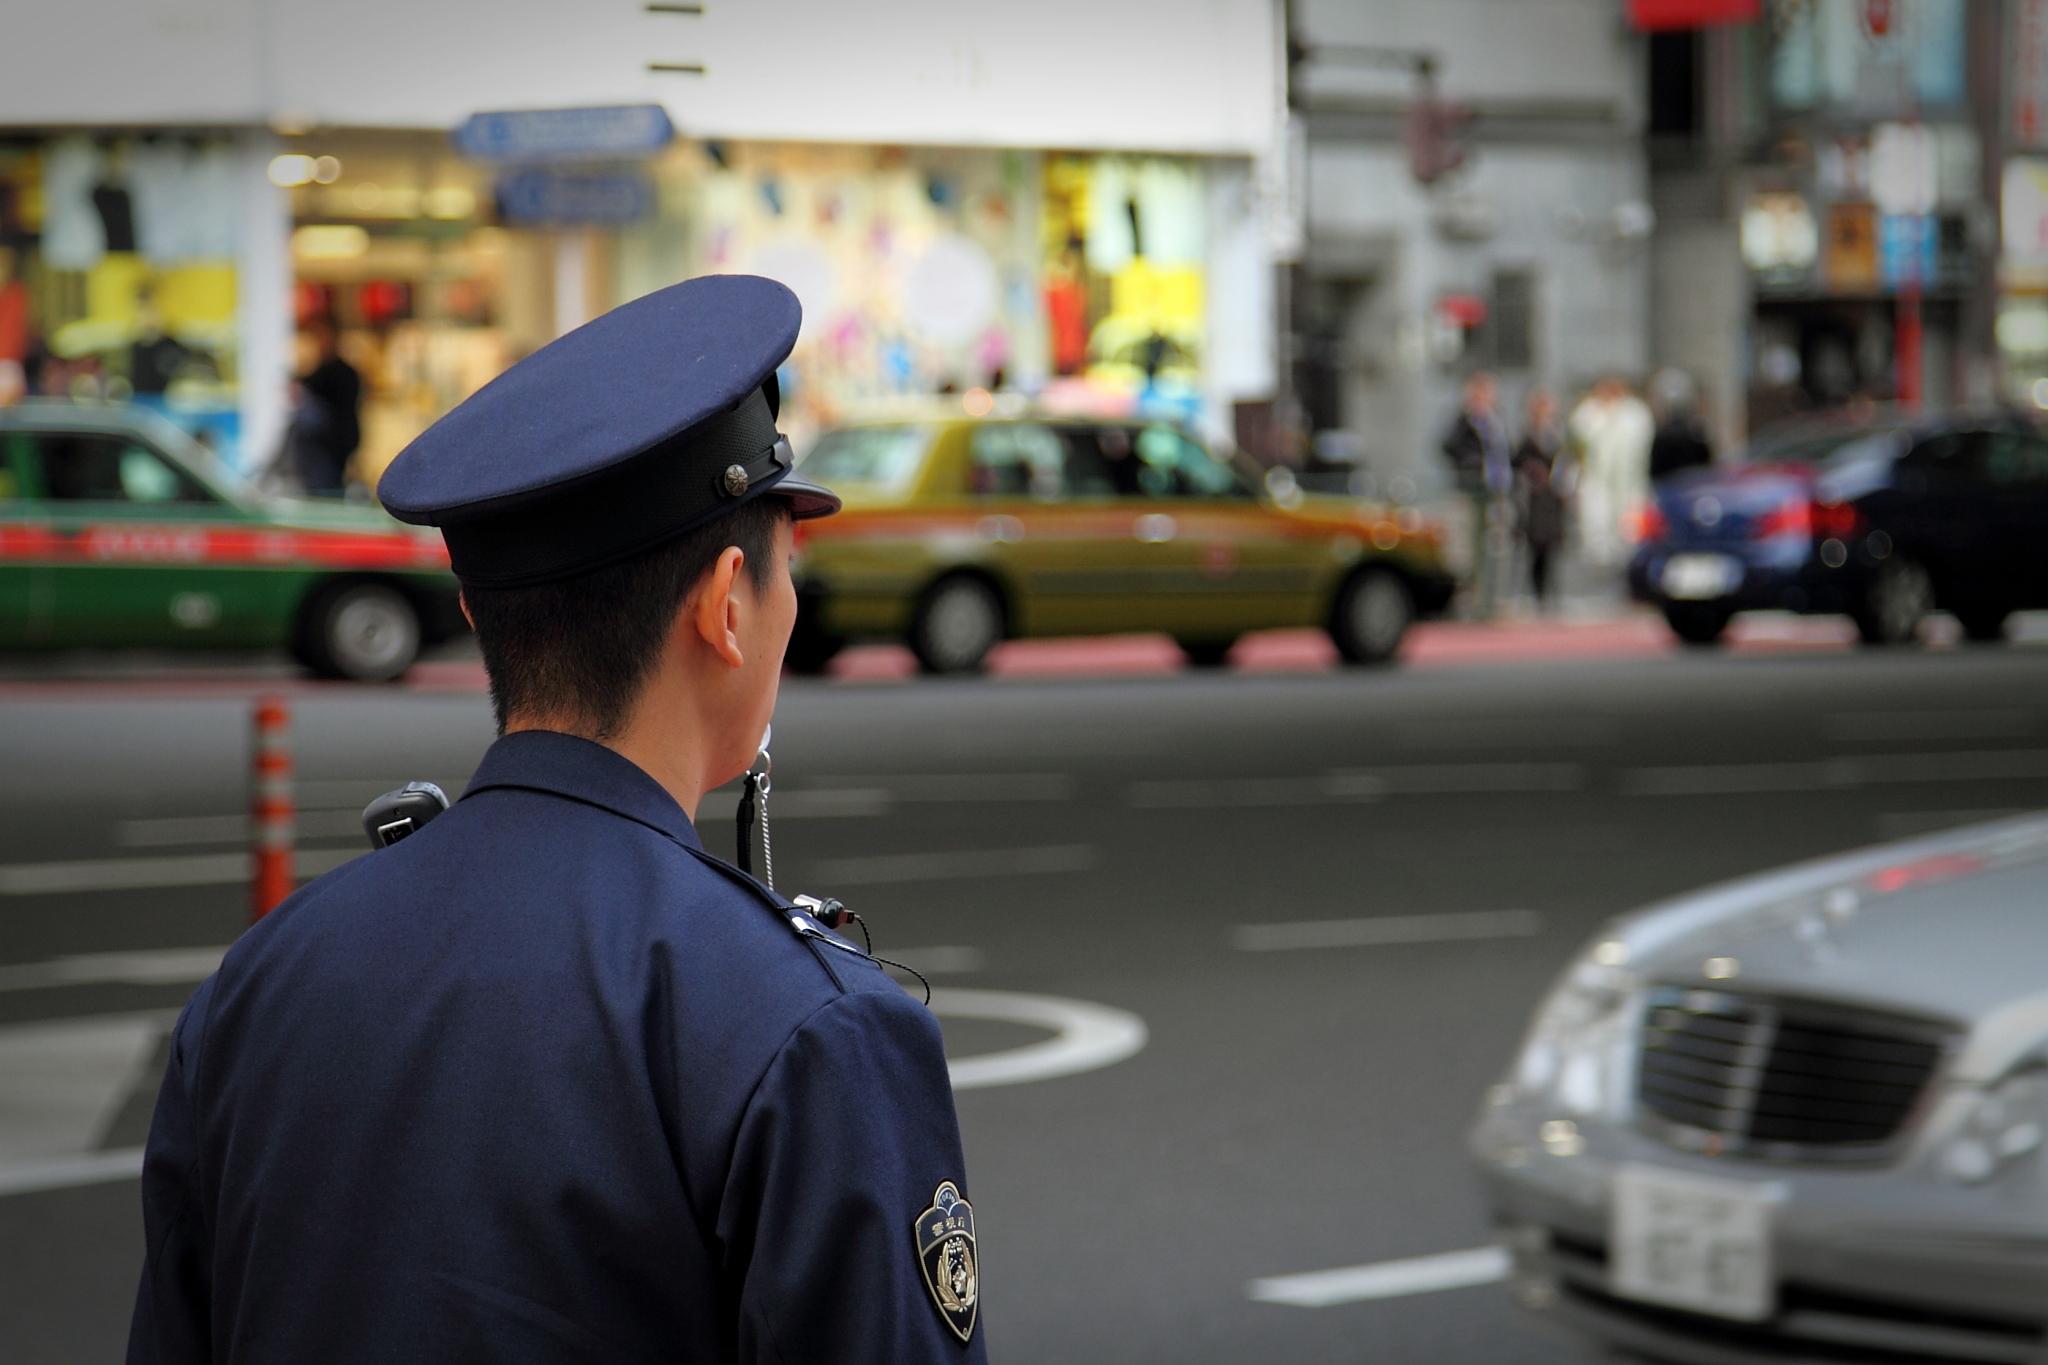 日本の警察官 - Wikipedia